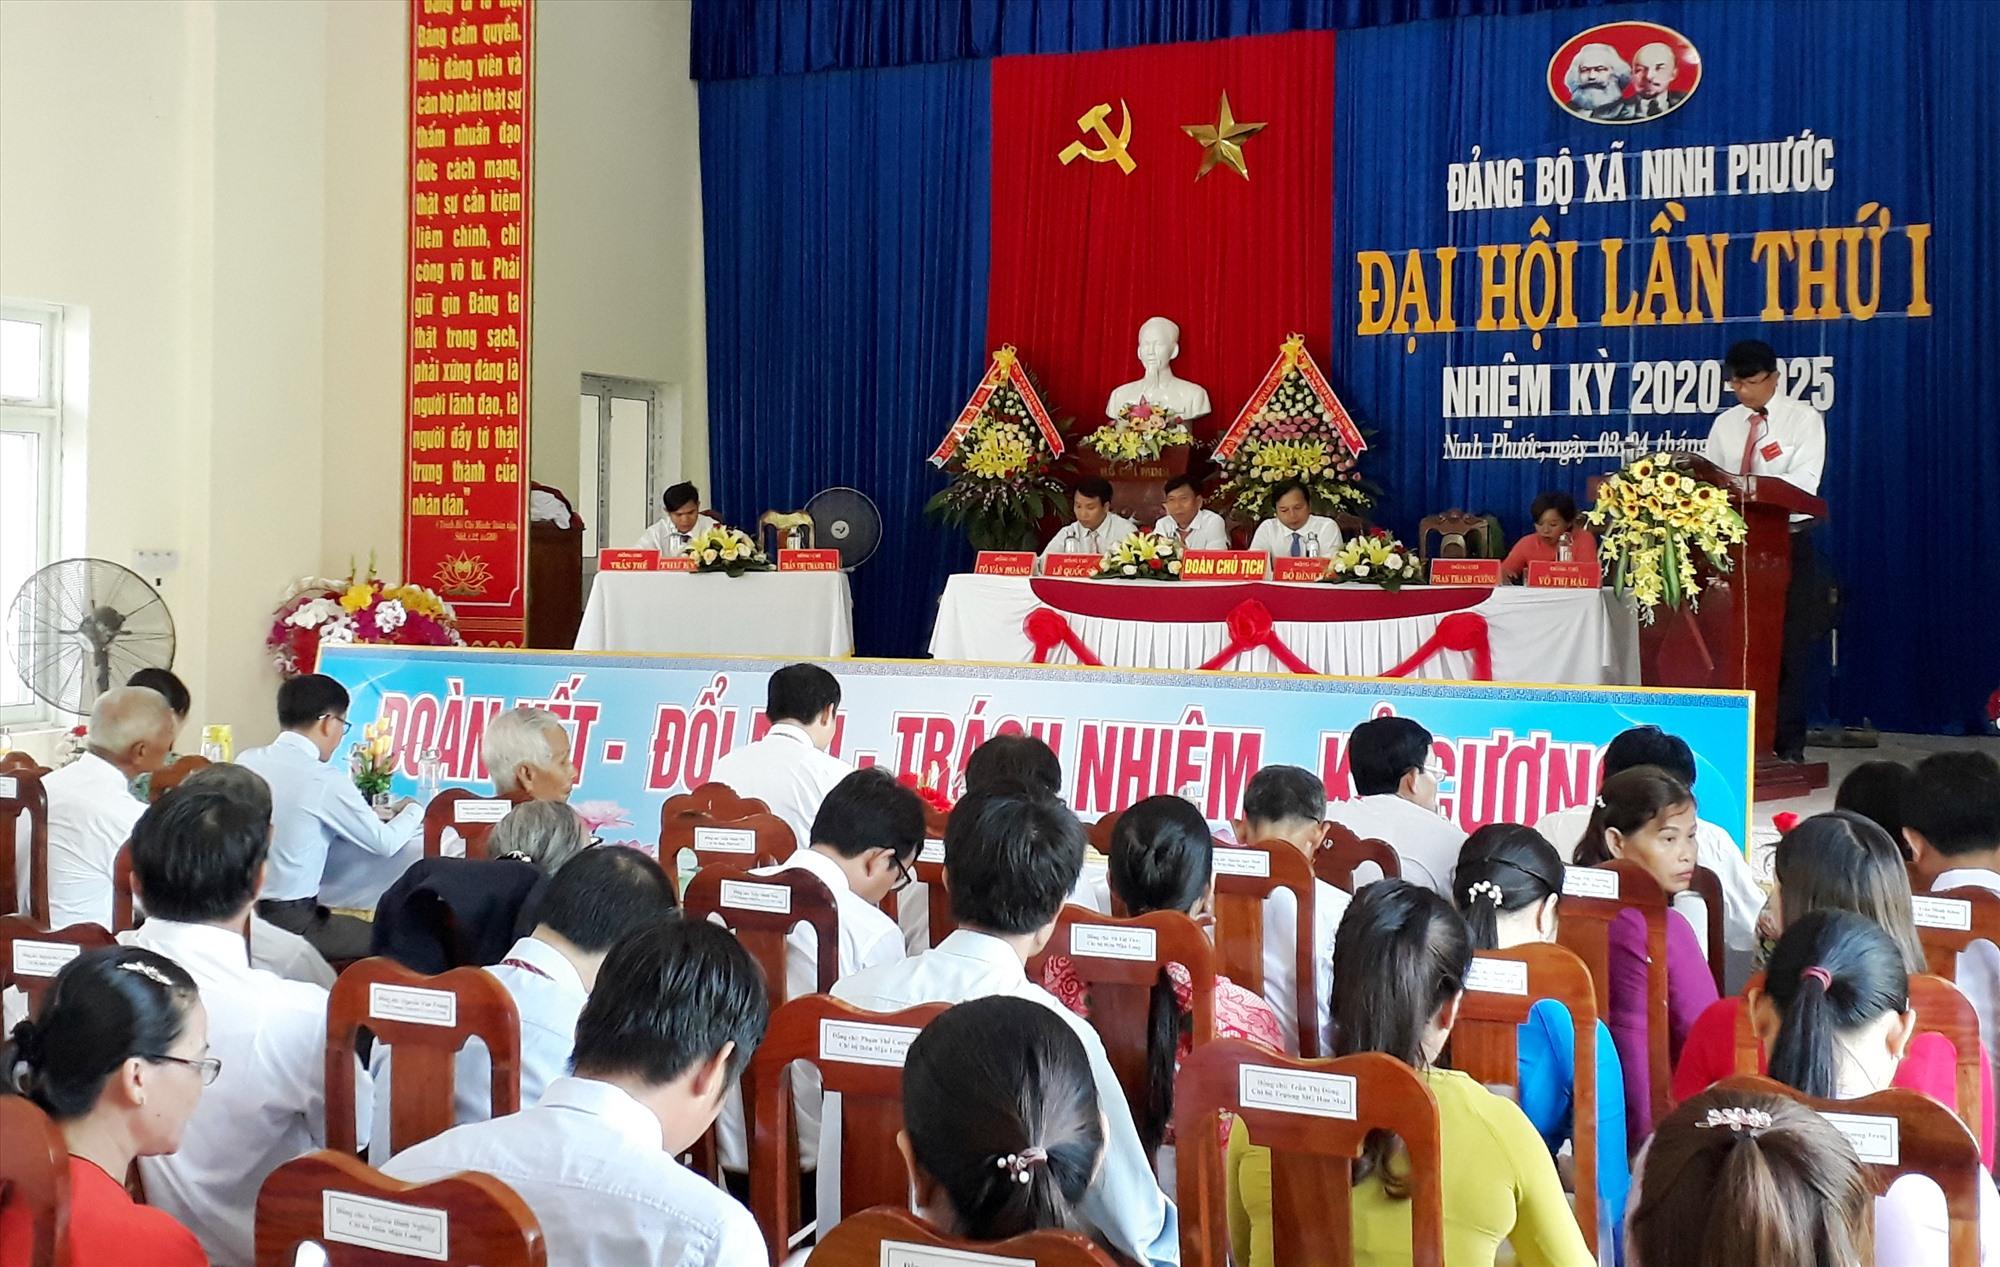 Quang cảnh đại hội Đảng bộ xã Ninh Phước (Nông Sơn) lần thứ I, nhiệm kỳ 2020 - 2025.